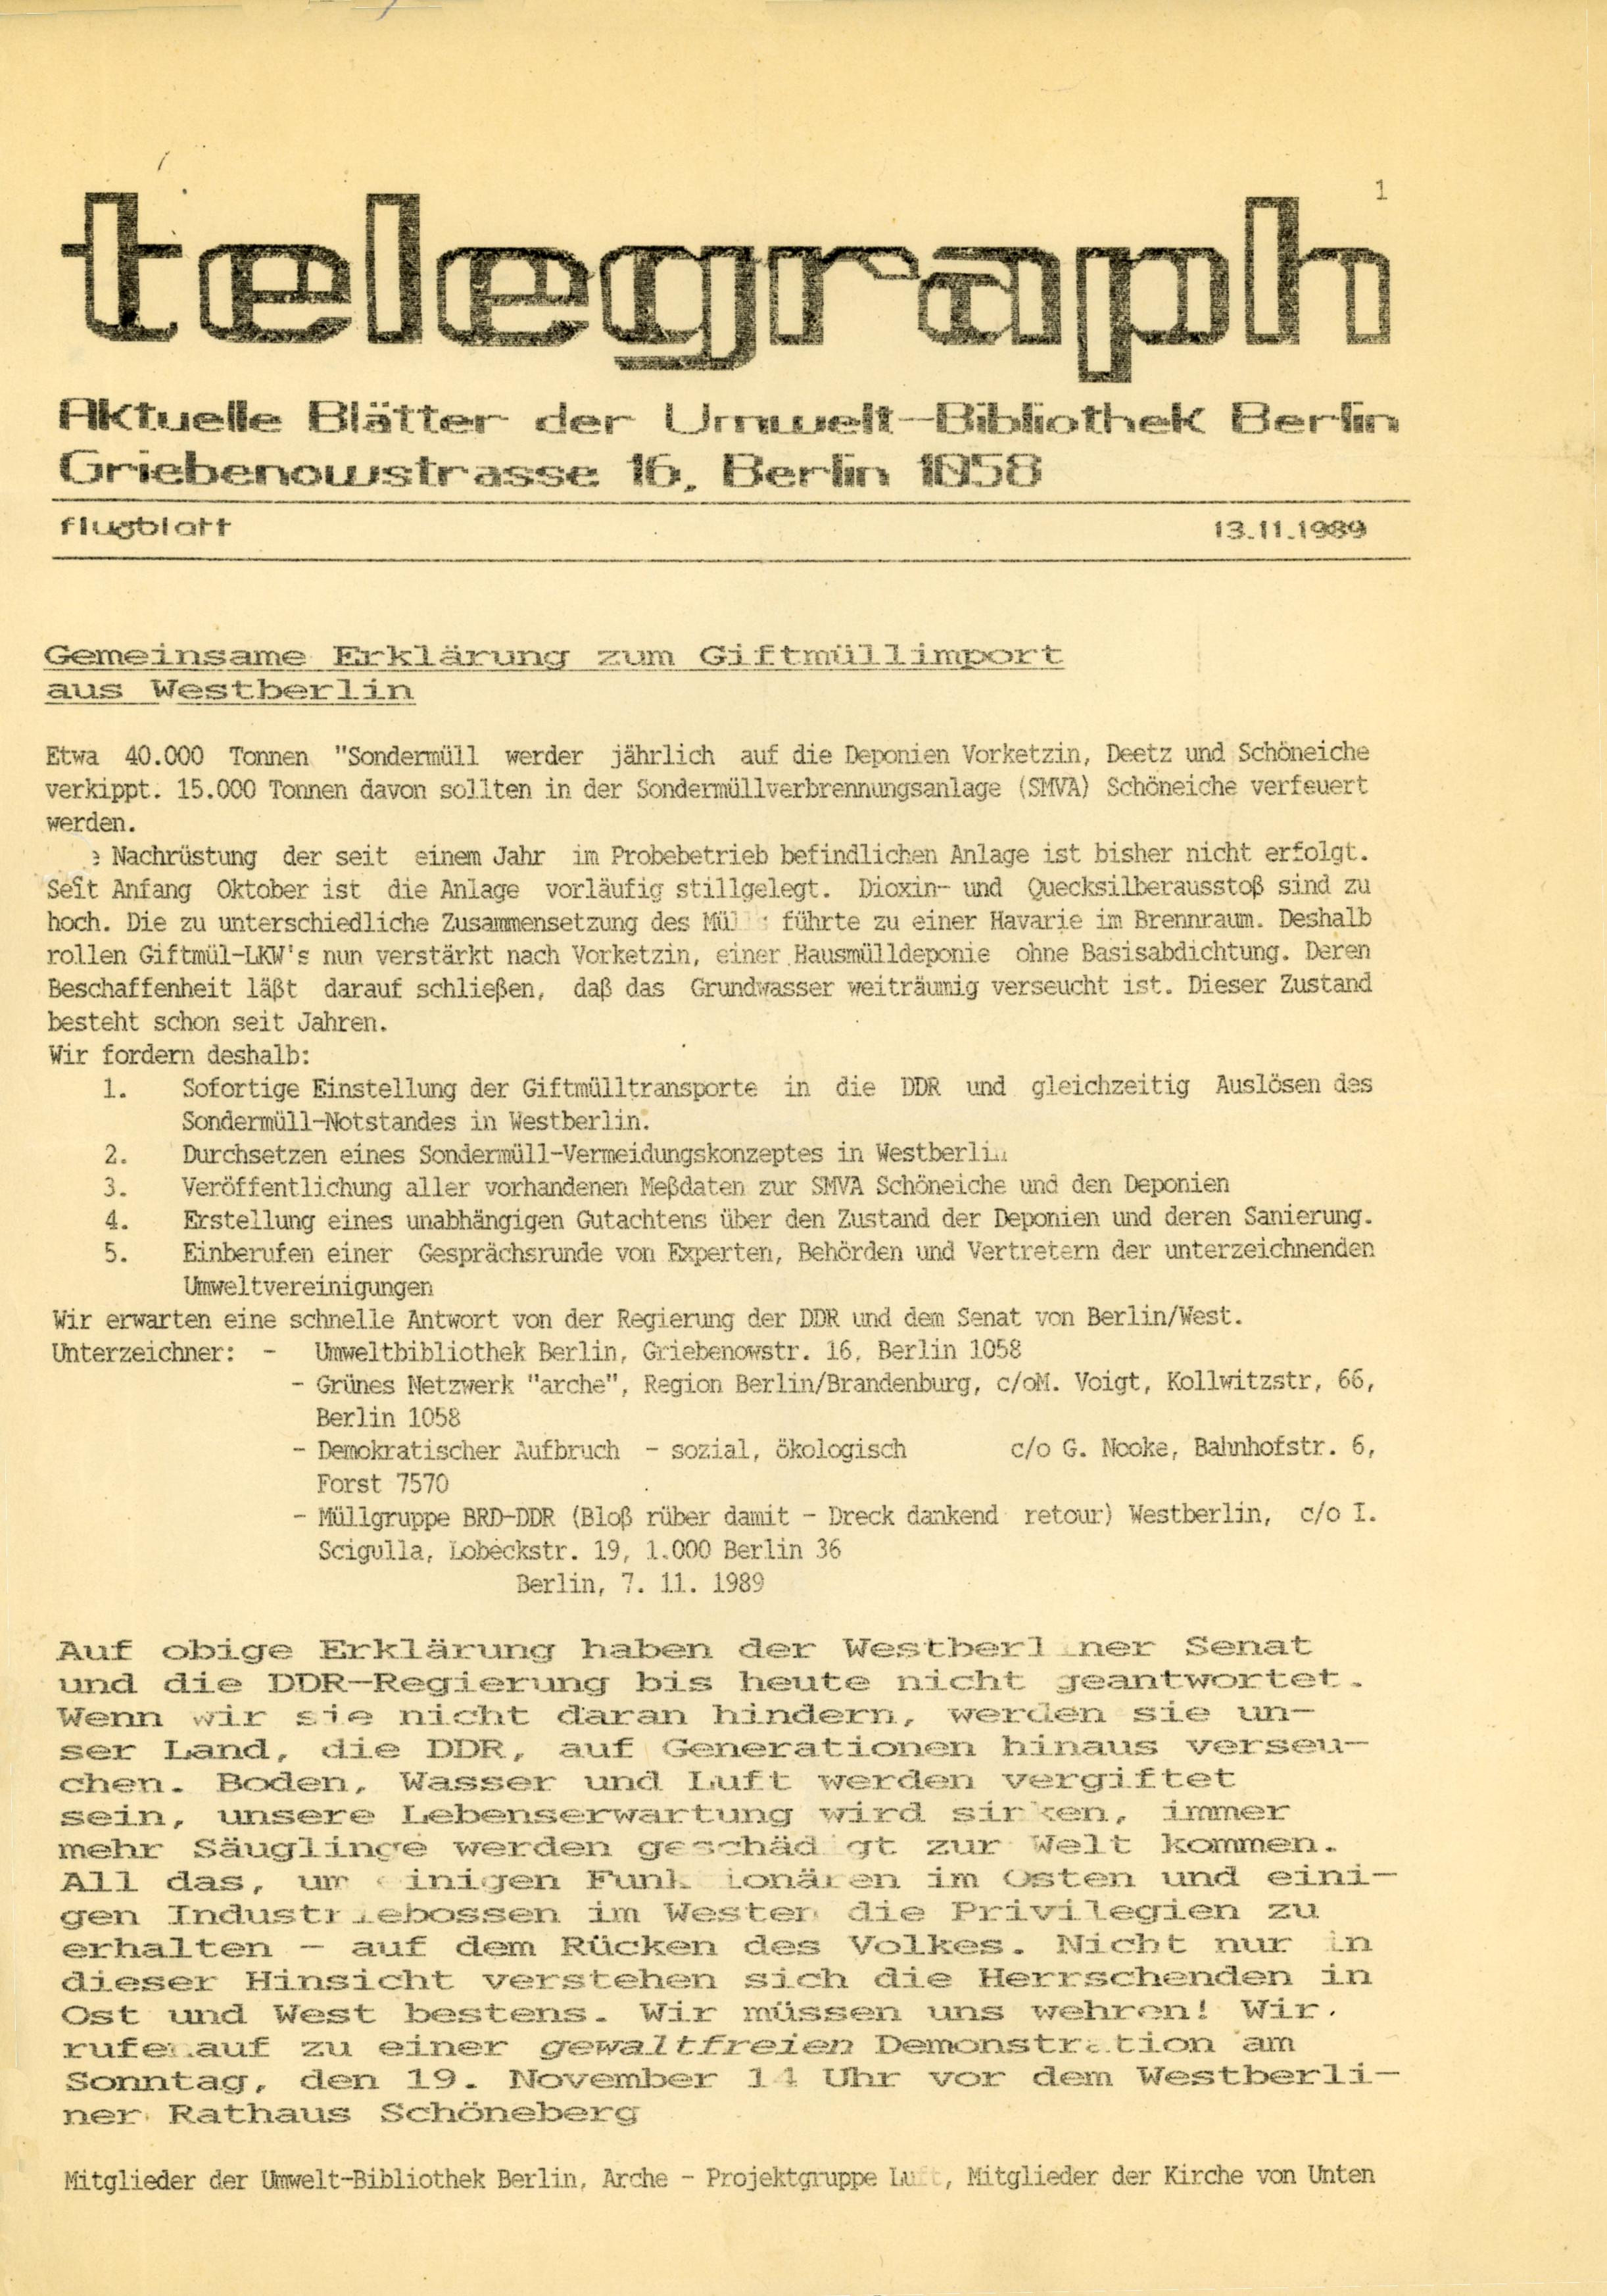 telegraph Flugblatt – 13. November 1989: Erklärung zum Giftmüllexport aus Westberlin